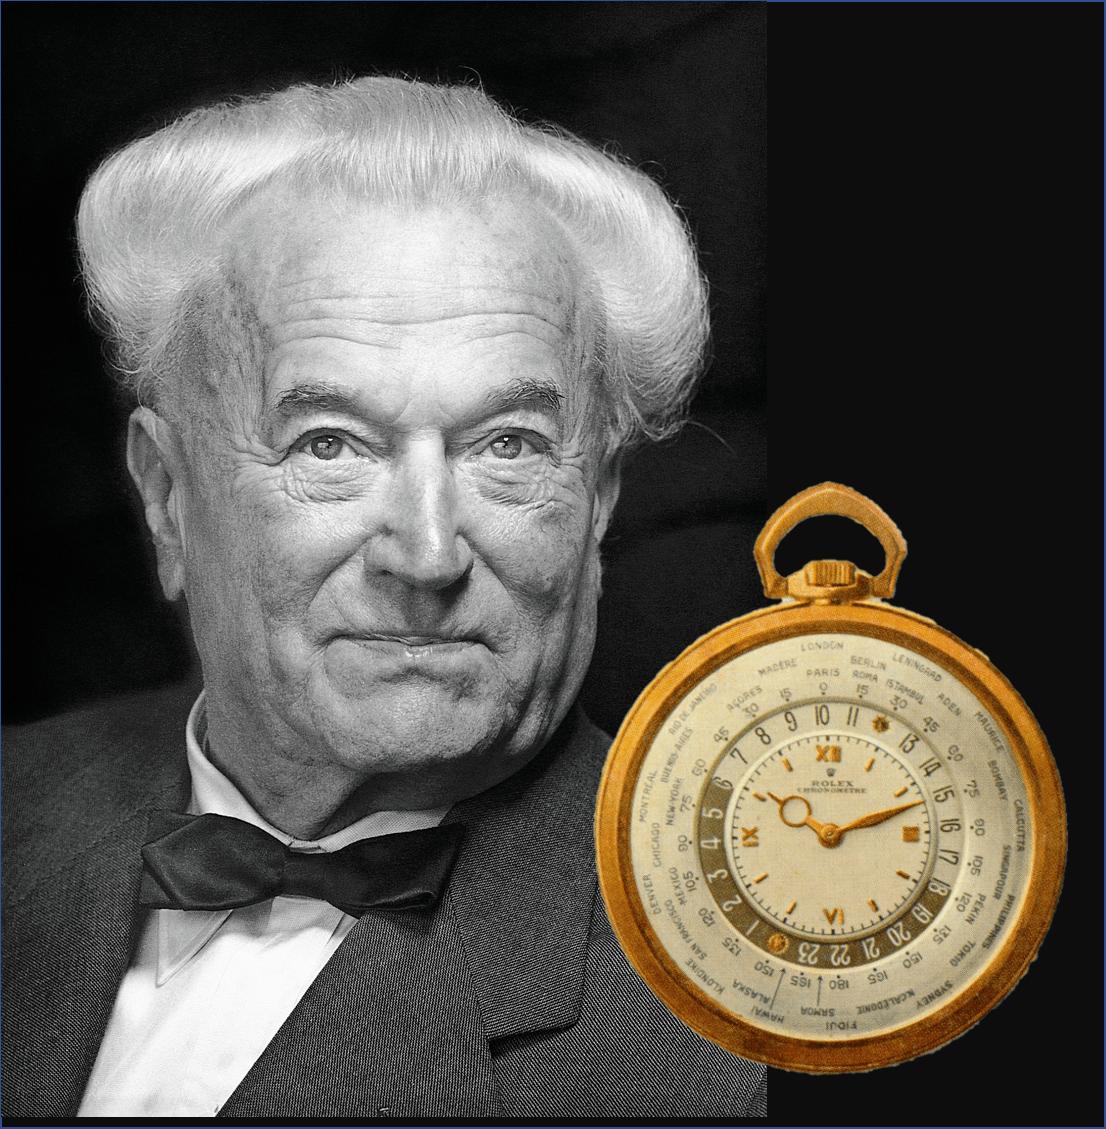 Zum Firmenjubiläum 1945 war Rolex Gründer Wilsdorf noch mit einer gemeinsam mit Cottier entwickelten Weltzeit-Taschenuhr zugegen